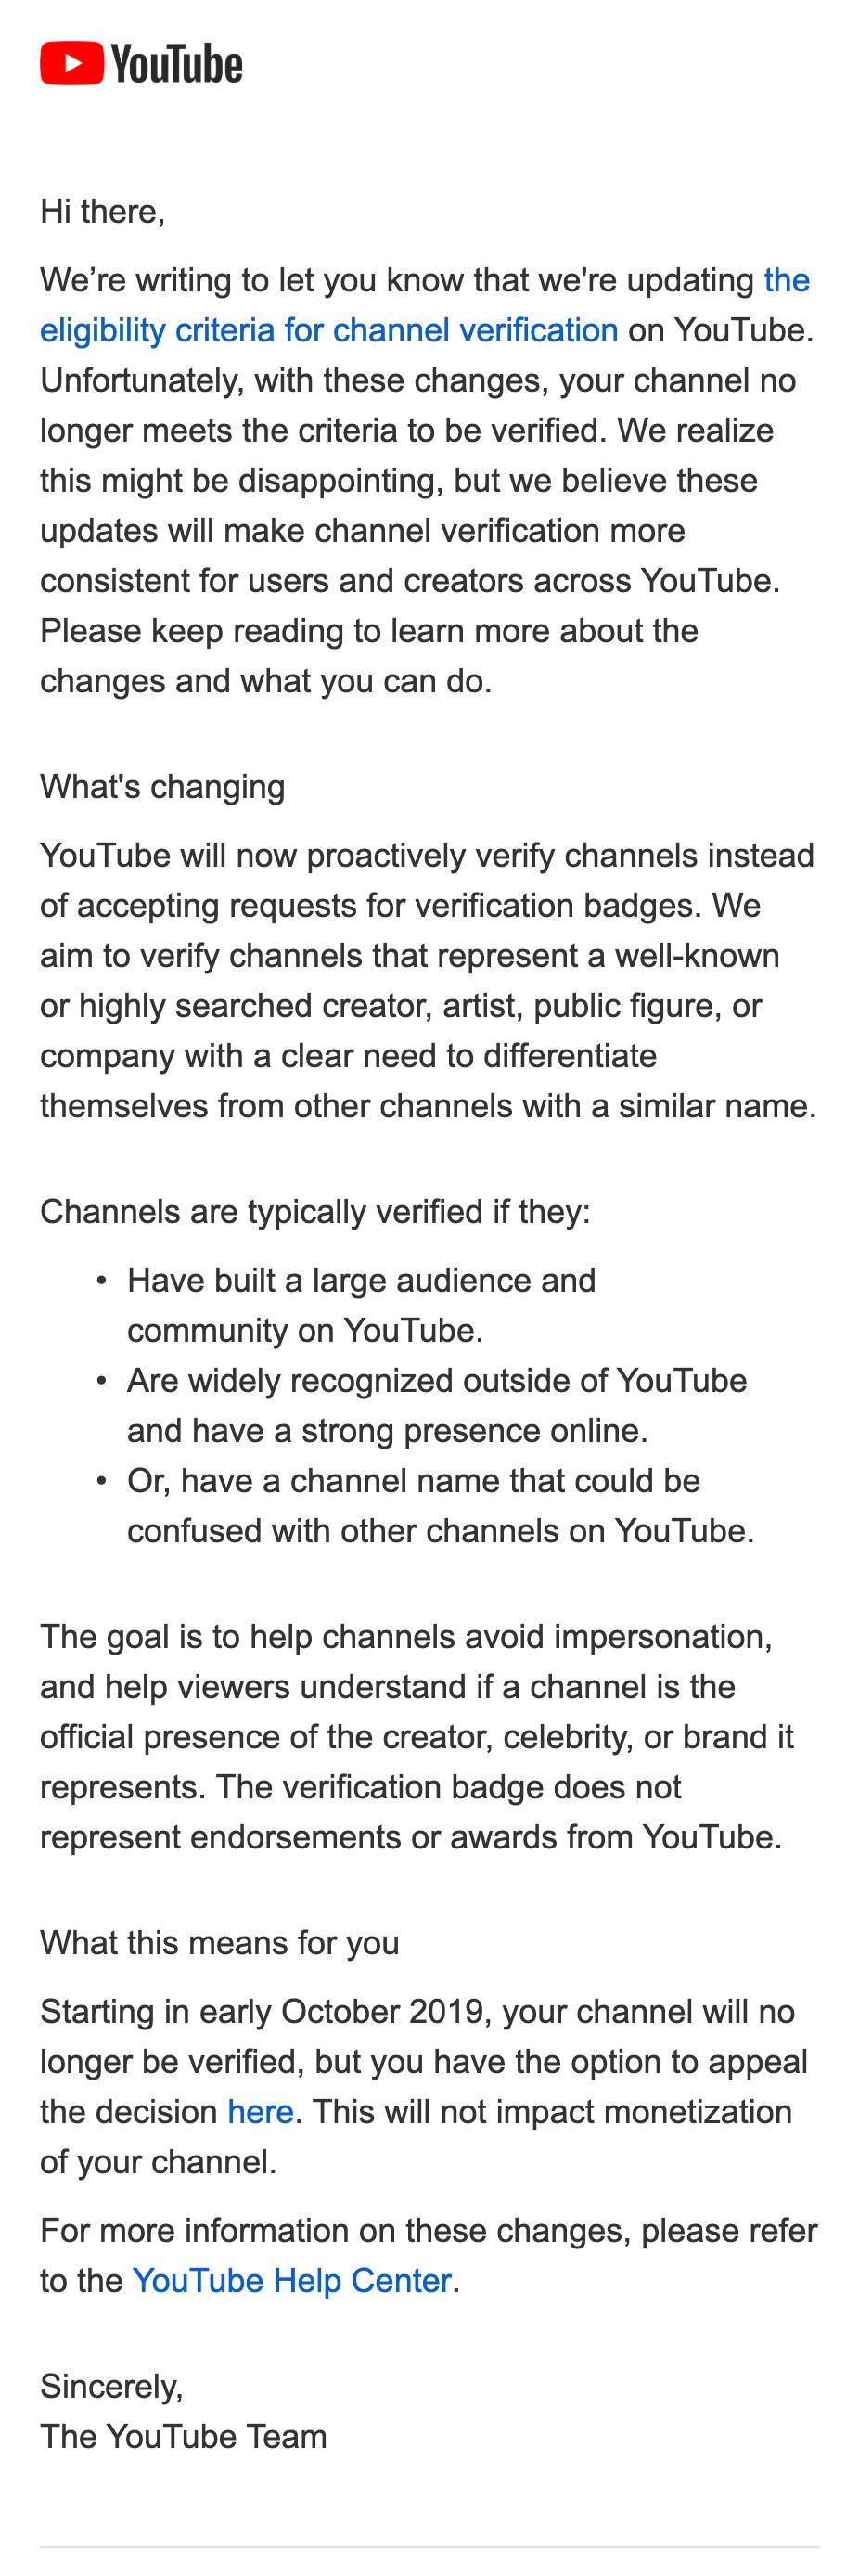 youtube letter